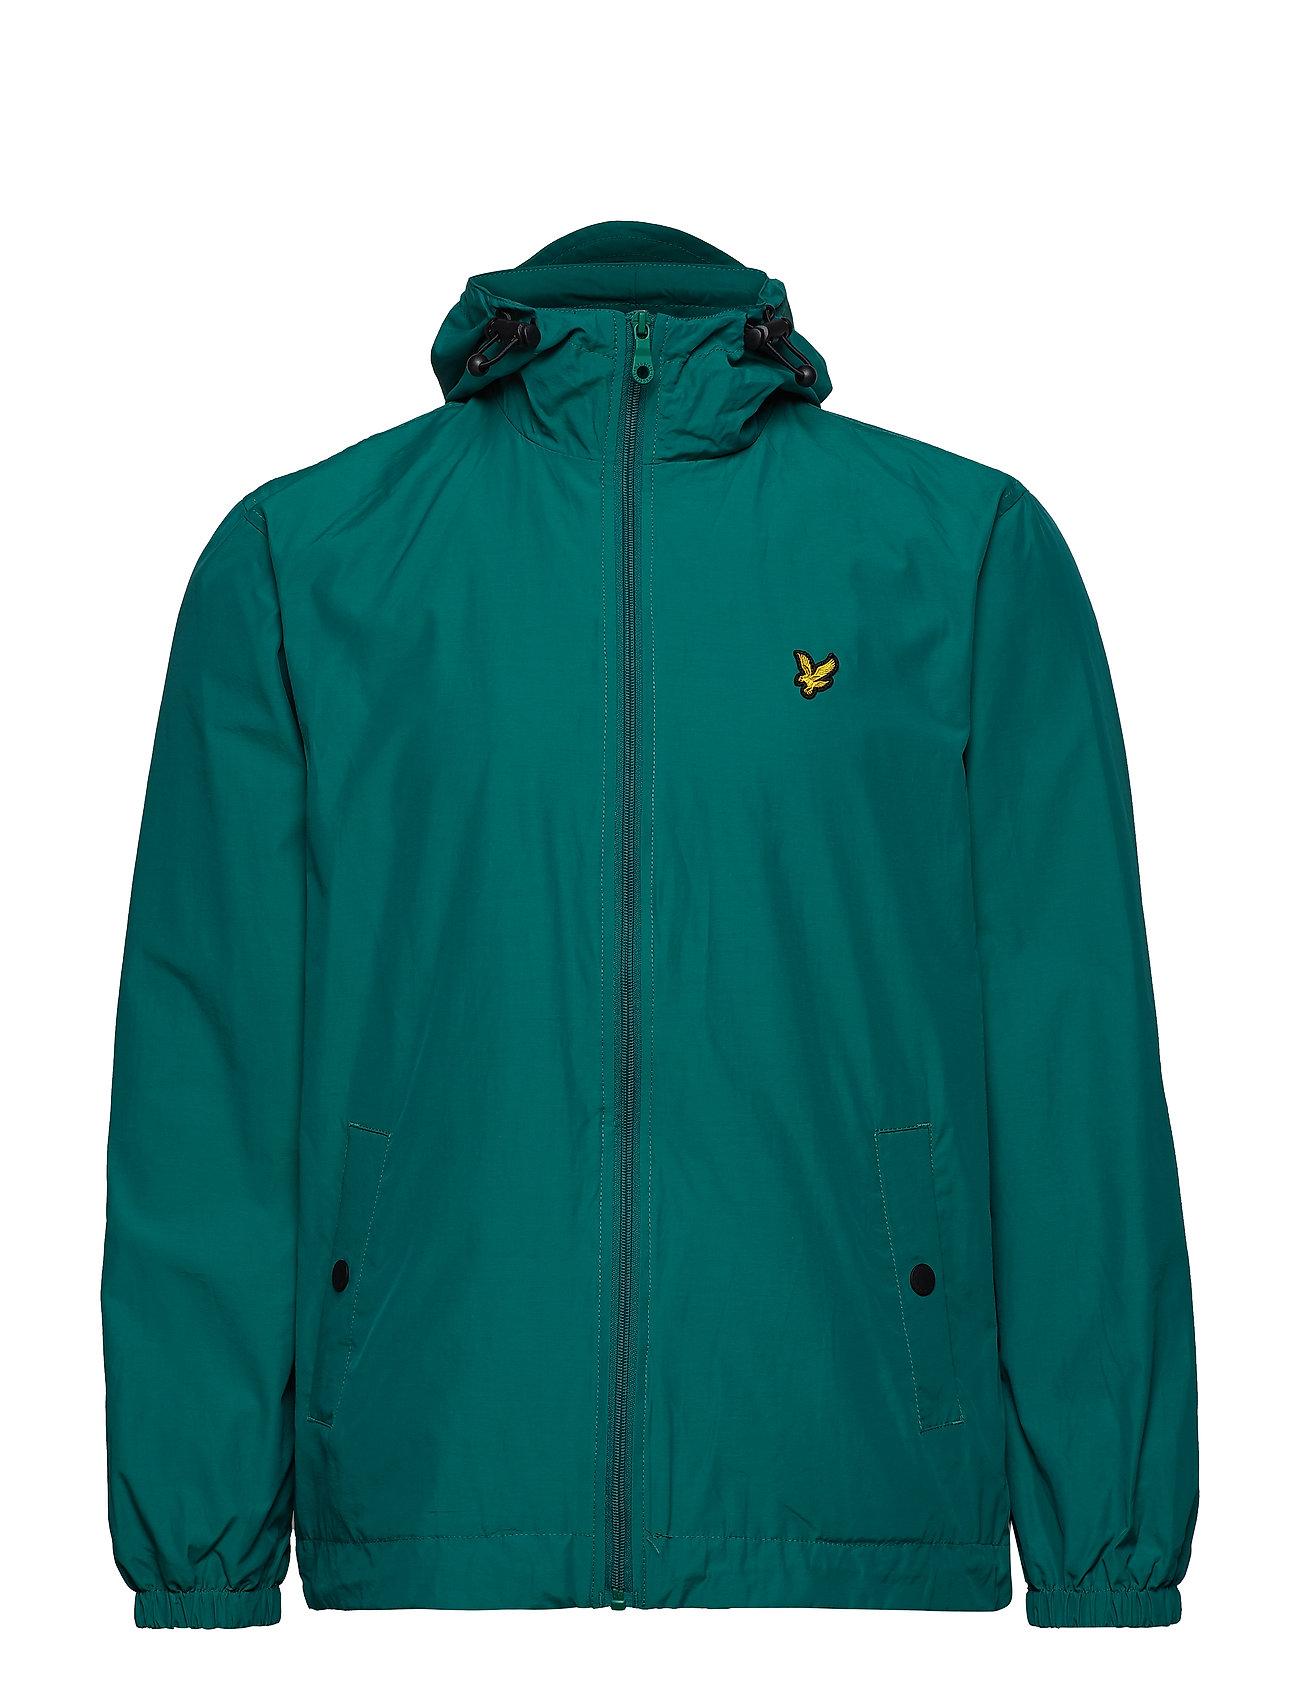 Lyle & Scott Zip Through Hooded Jacket Ytterkläder